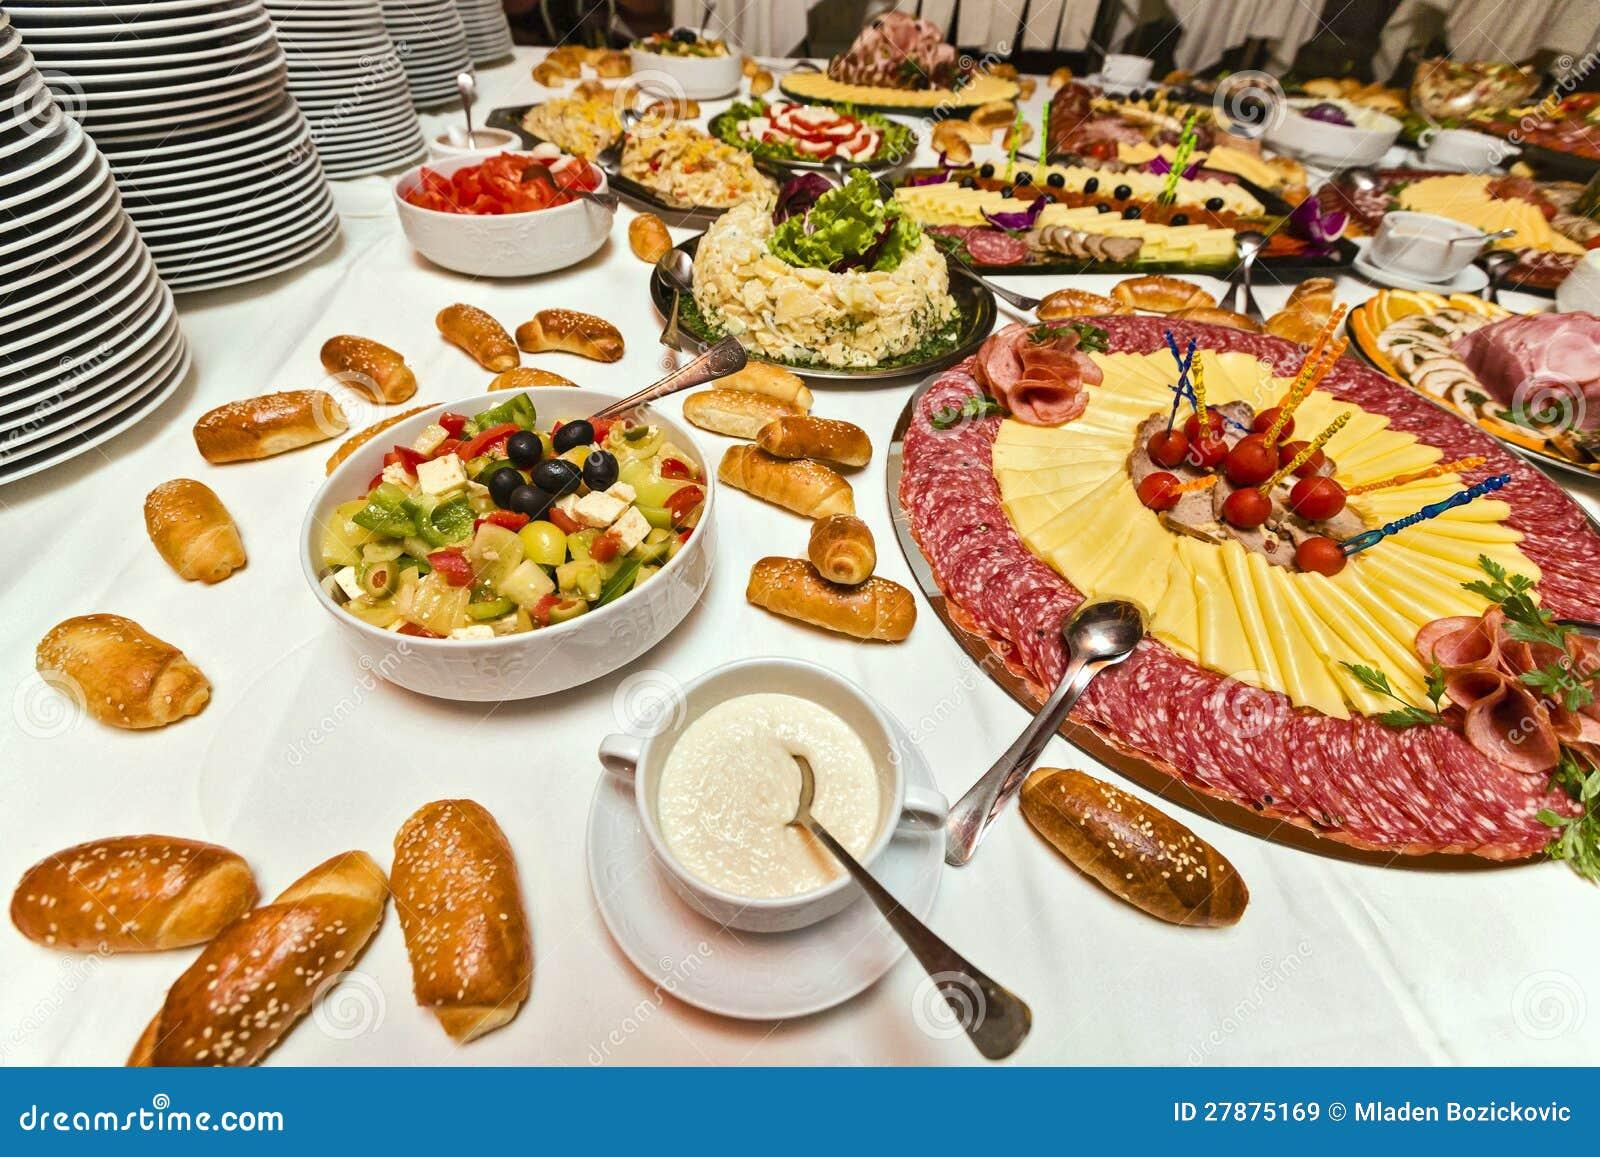 Soul Food Buffet Menu